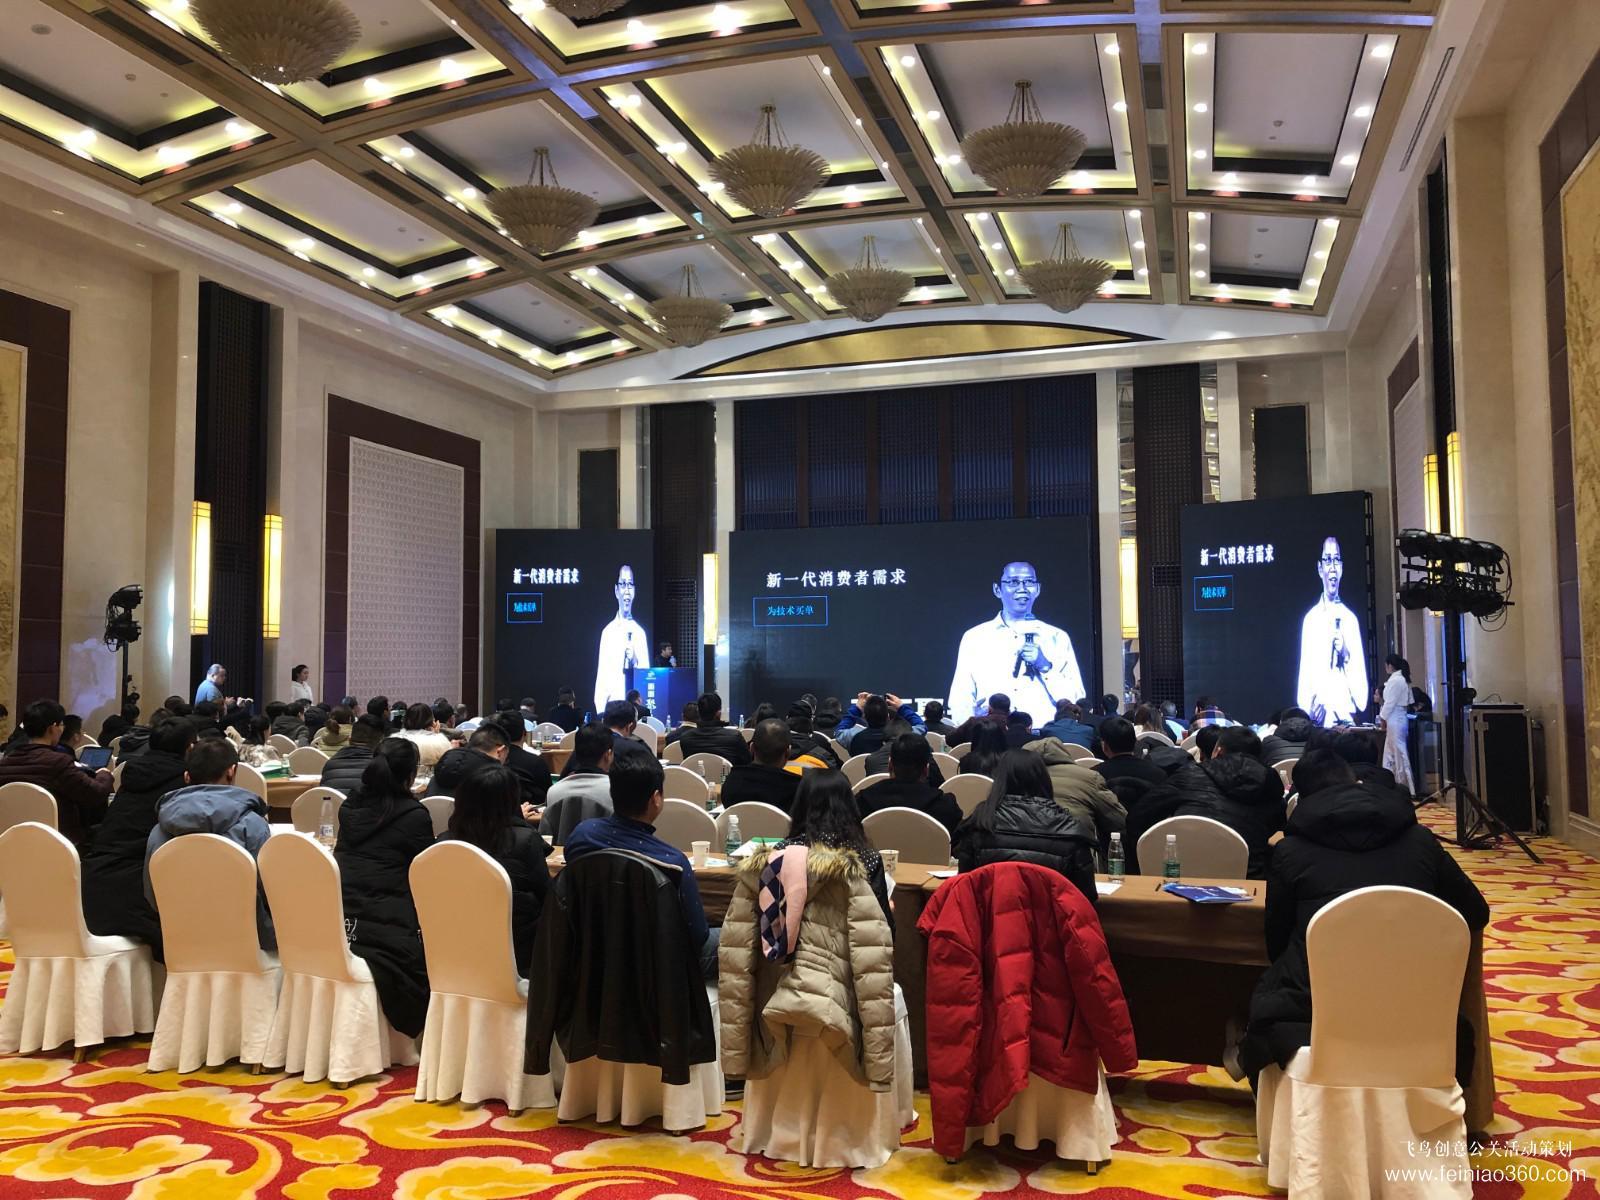 2018中国集成墙面行业峰会